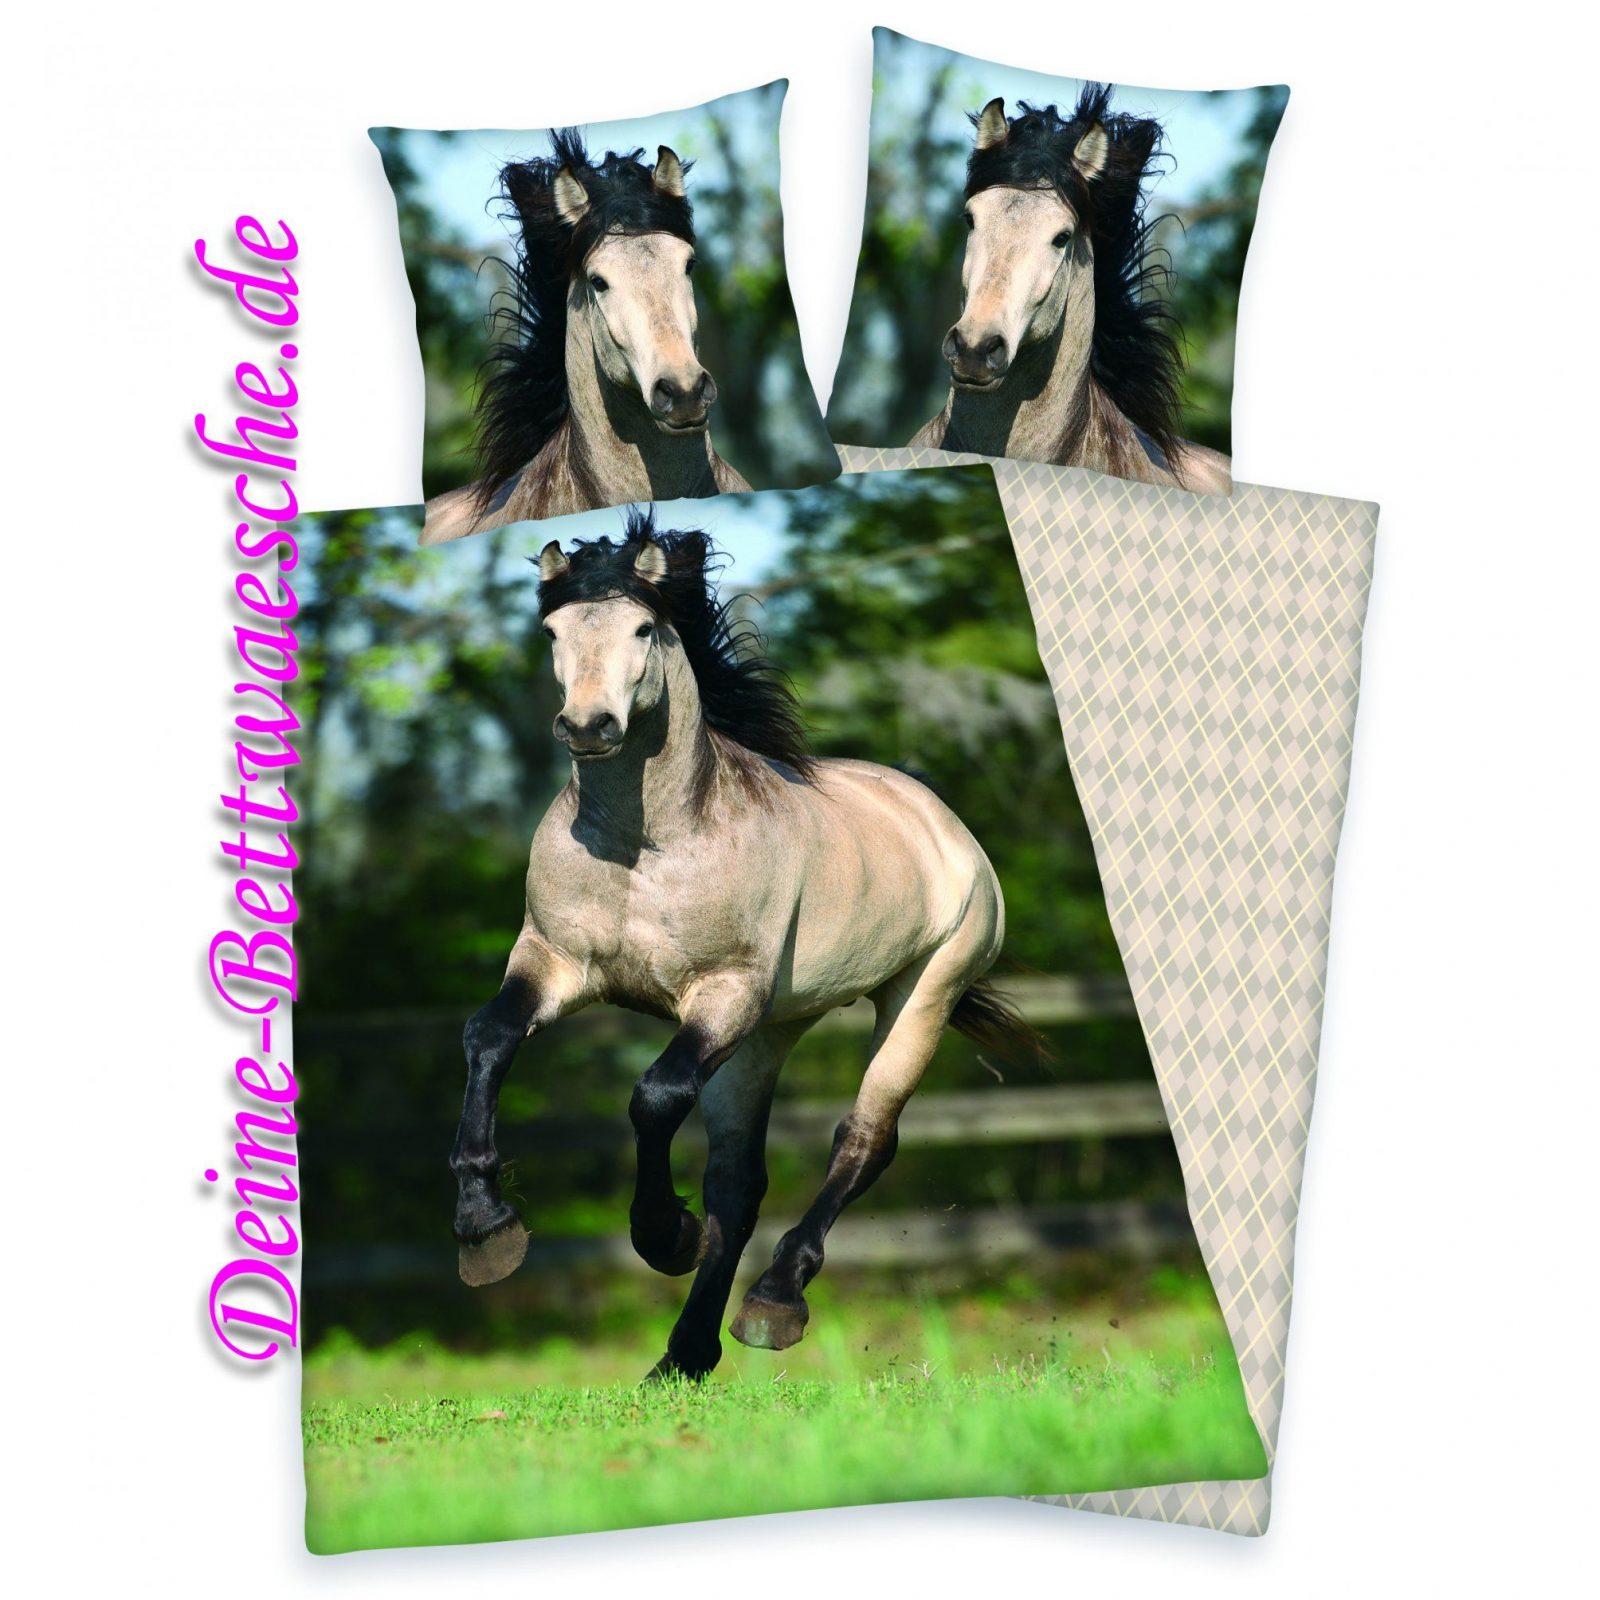 Pferde Bettwäsche Galopp Aus 100% Baumwolleonlineshop Für von Pferde Bettwäsche Kinder Bild